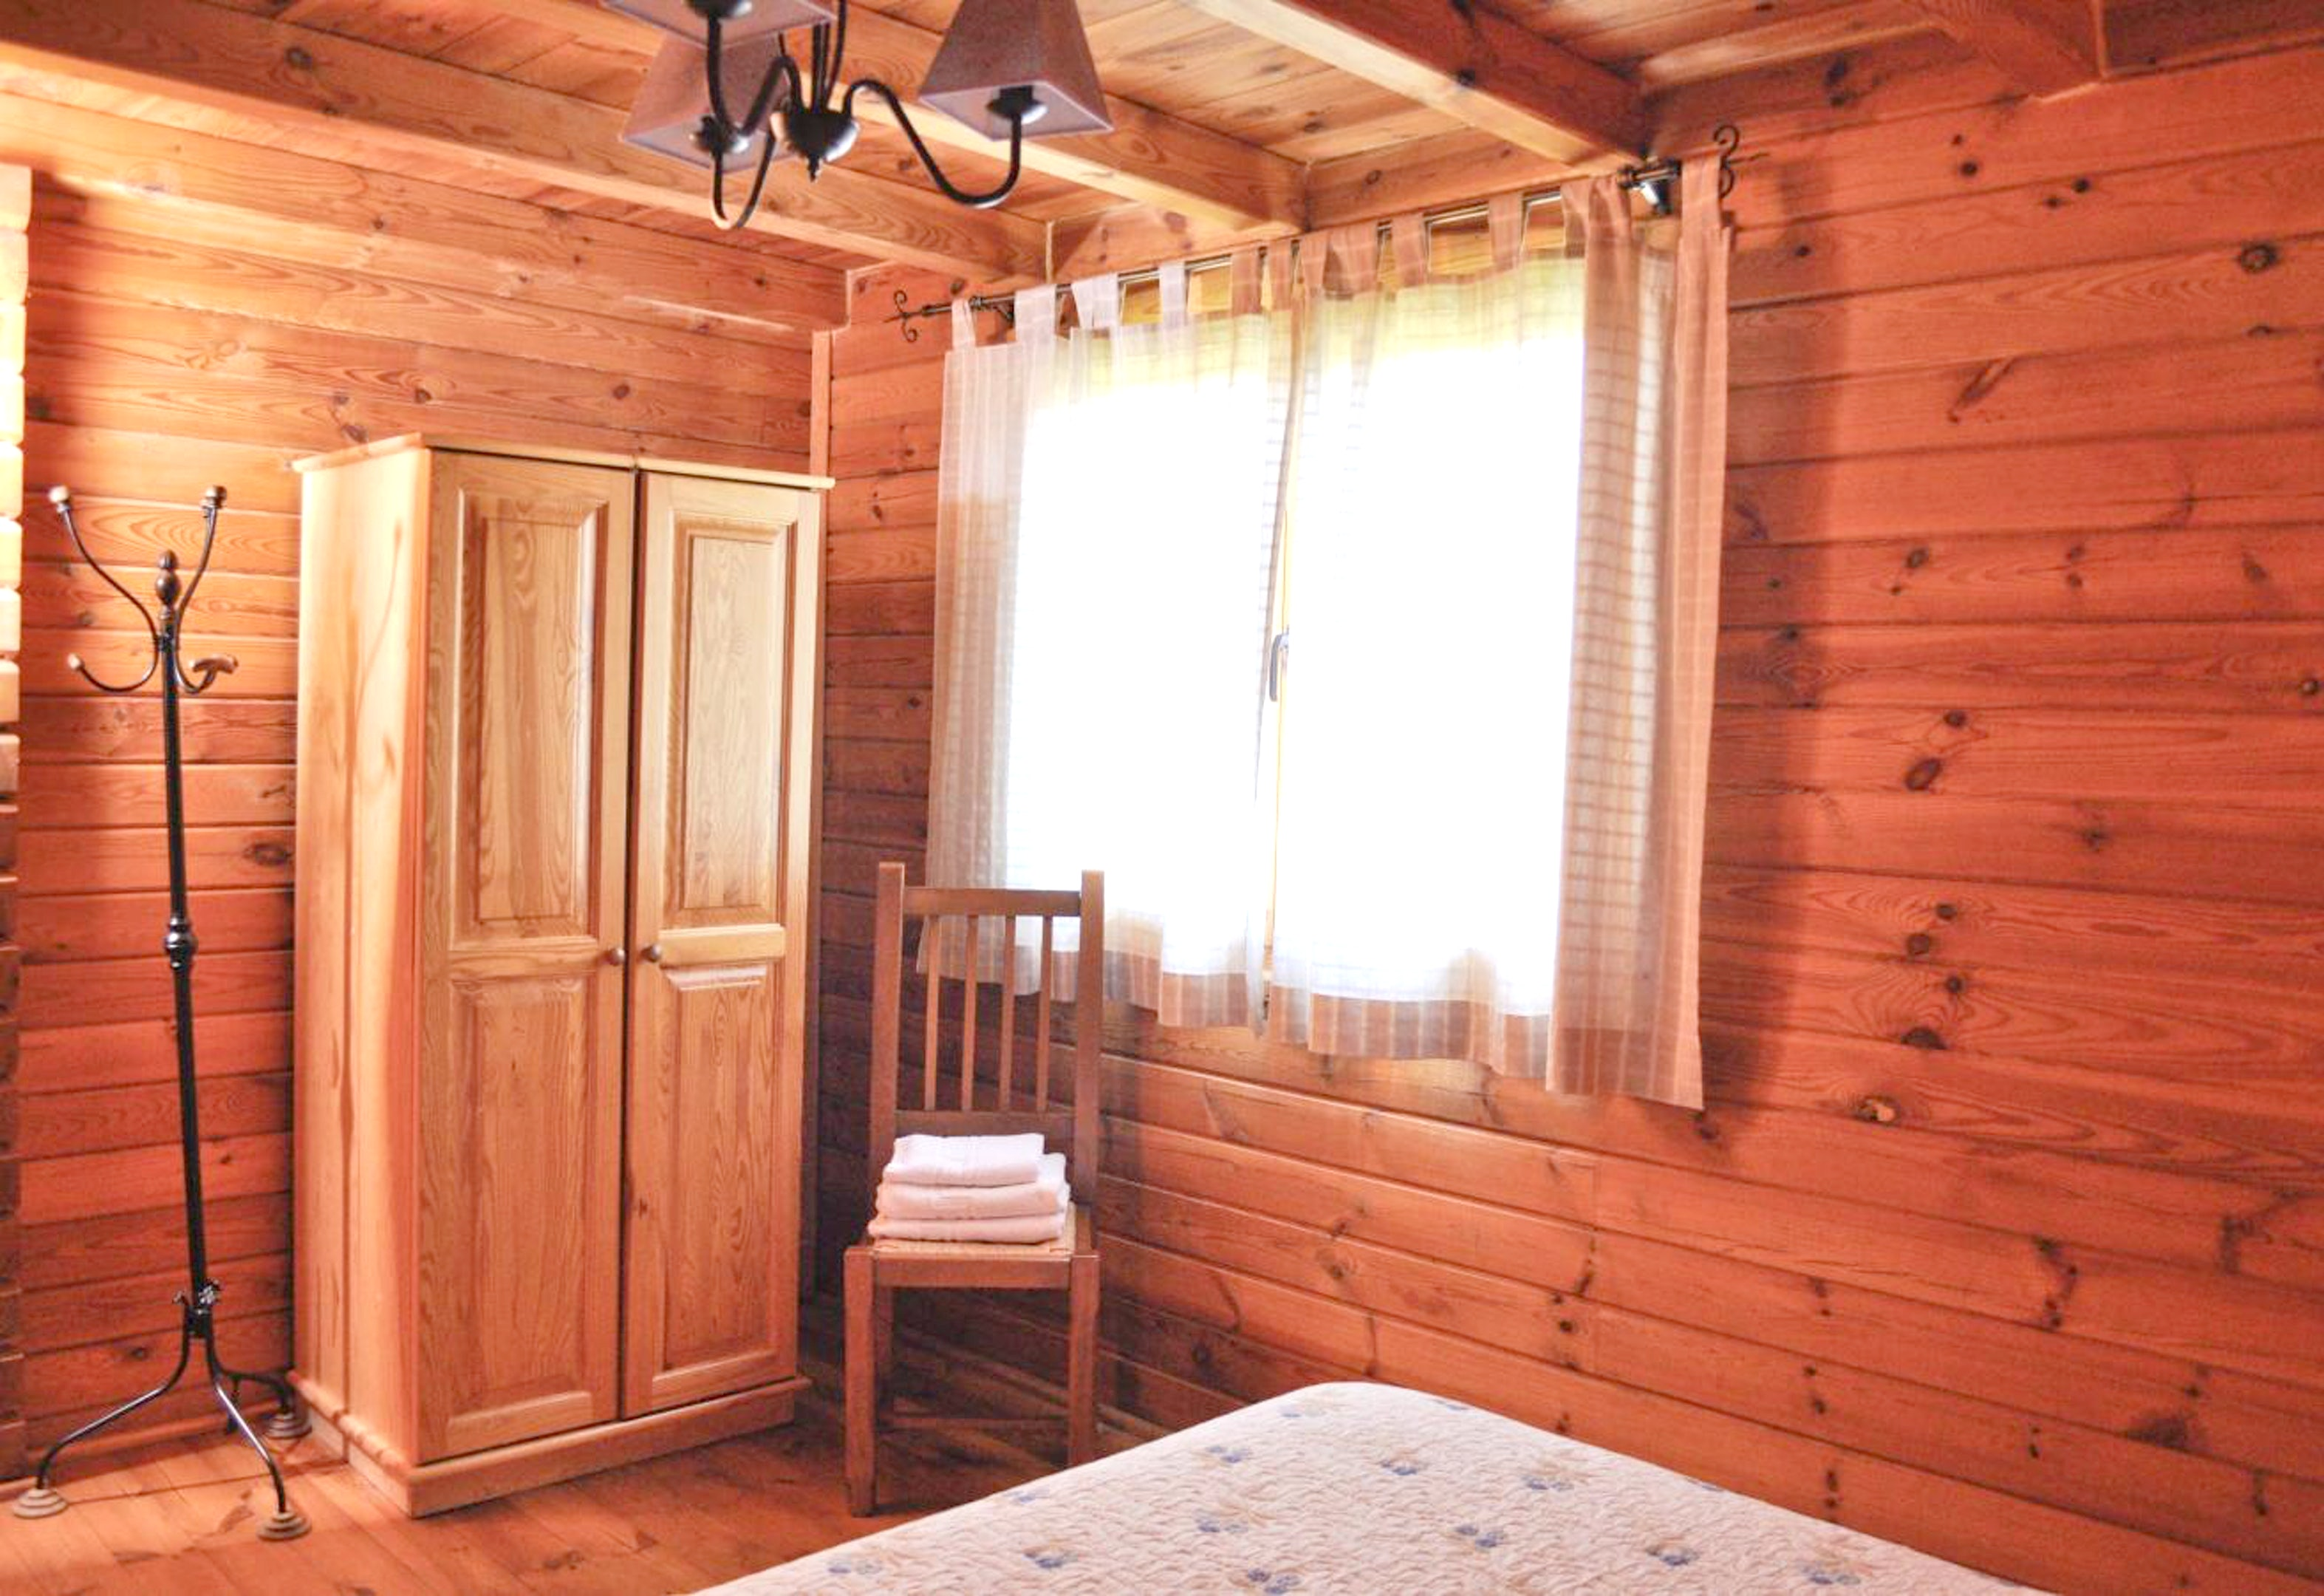 Ferienhaus Haus mit 3 Schlafzimmern in El Robledo mit toller Aussicht auf die Berge, Pool und eingezä (2529918), El Robledo, Ciudad Real, Kastilien-La Mancha, Spanien, Bild 4